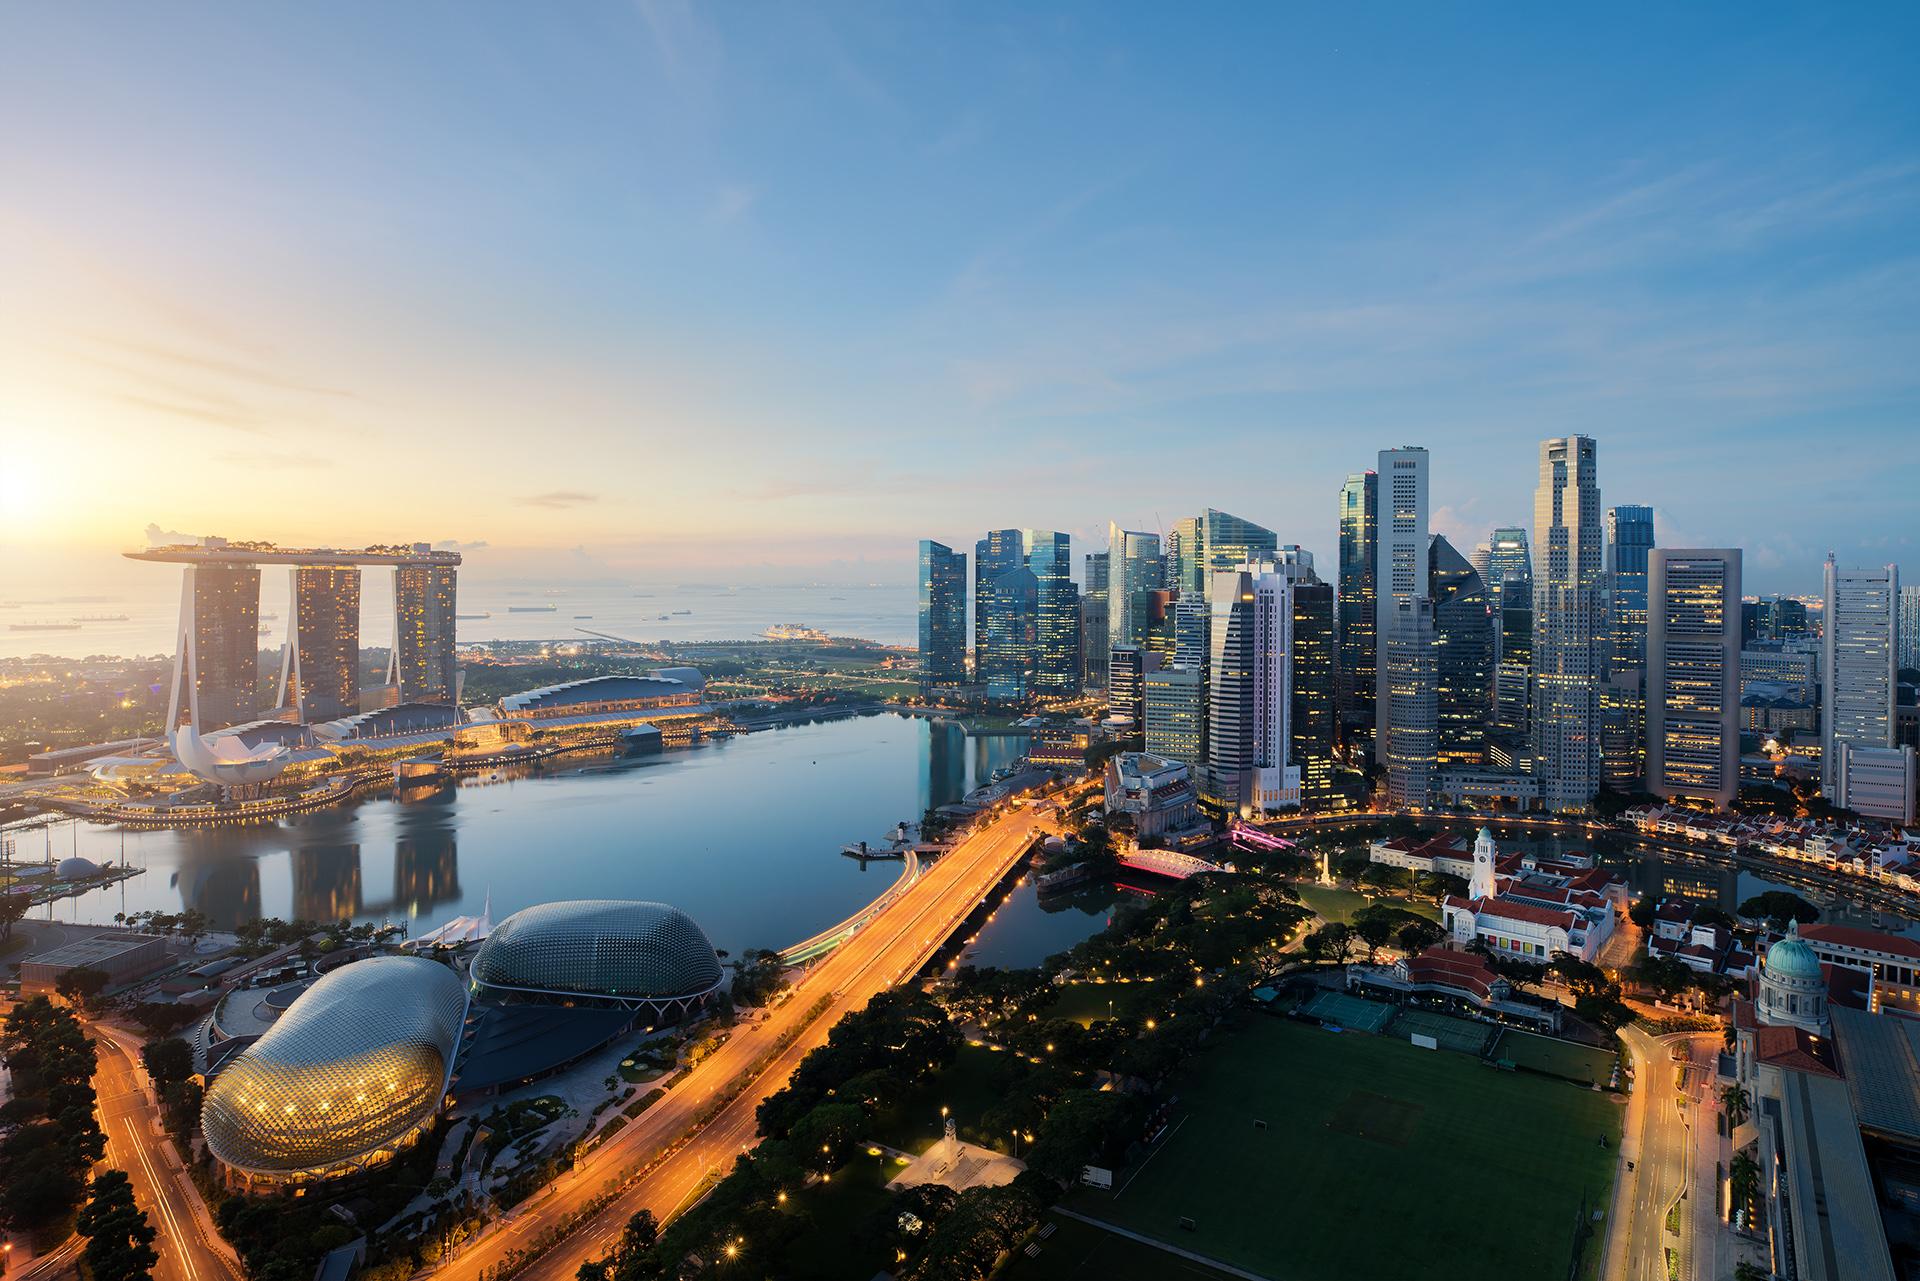 La ciudad es conocida como uno de los lugares más densamente poblados de la tierra. Es una ciudad colorida llena de tentadores paisajes, olores y sabores que enamoran a cualquier visitante. Actualmente una de las atracciones más llamativas es el bar del lujoso hotel Marina Bay Sands con piscina infinita